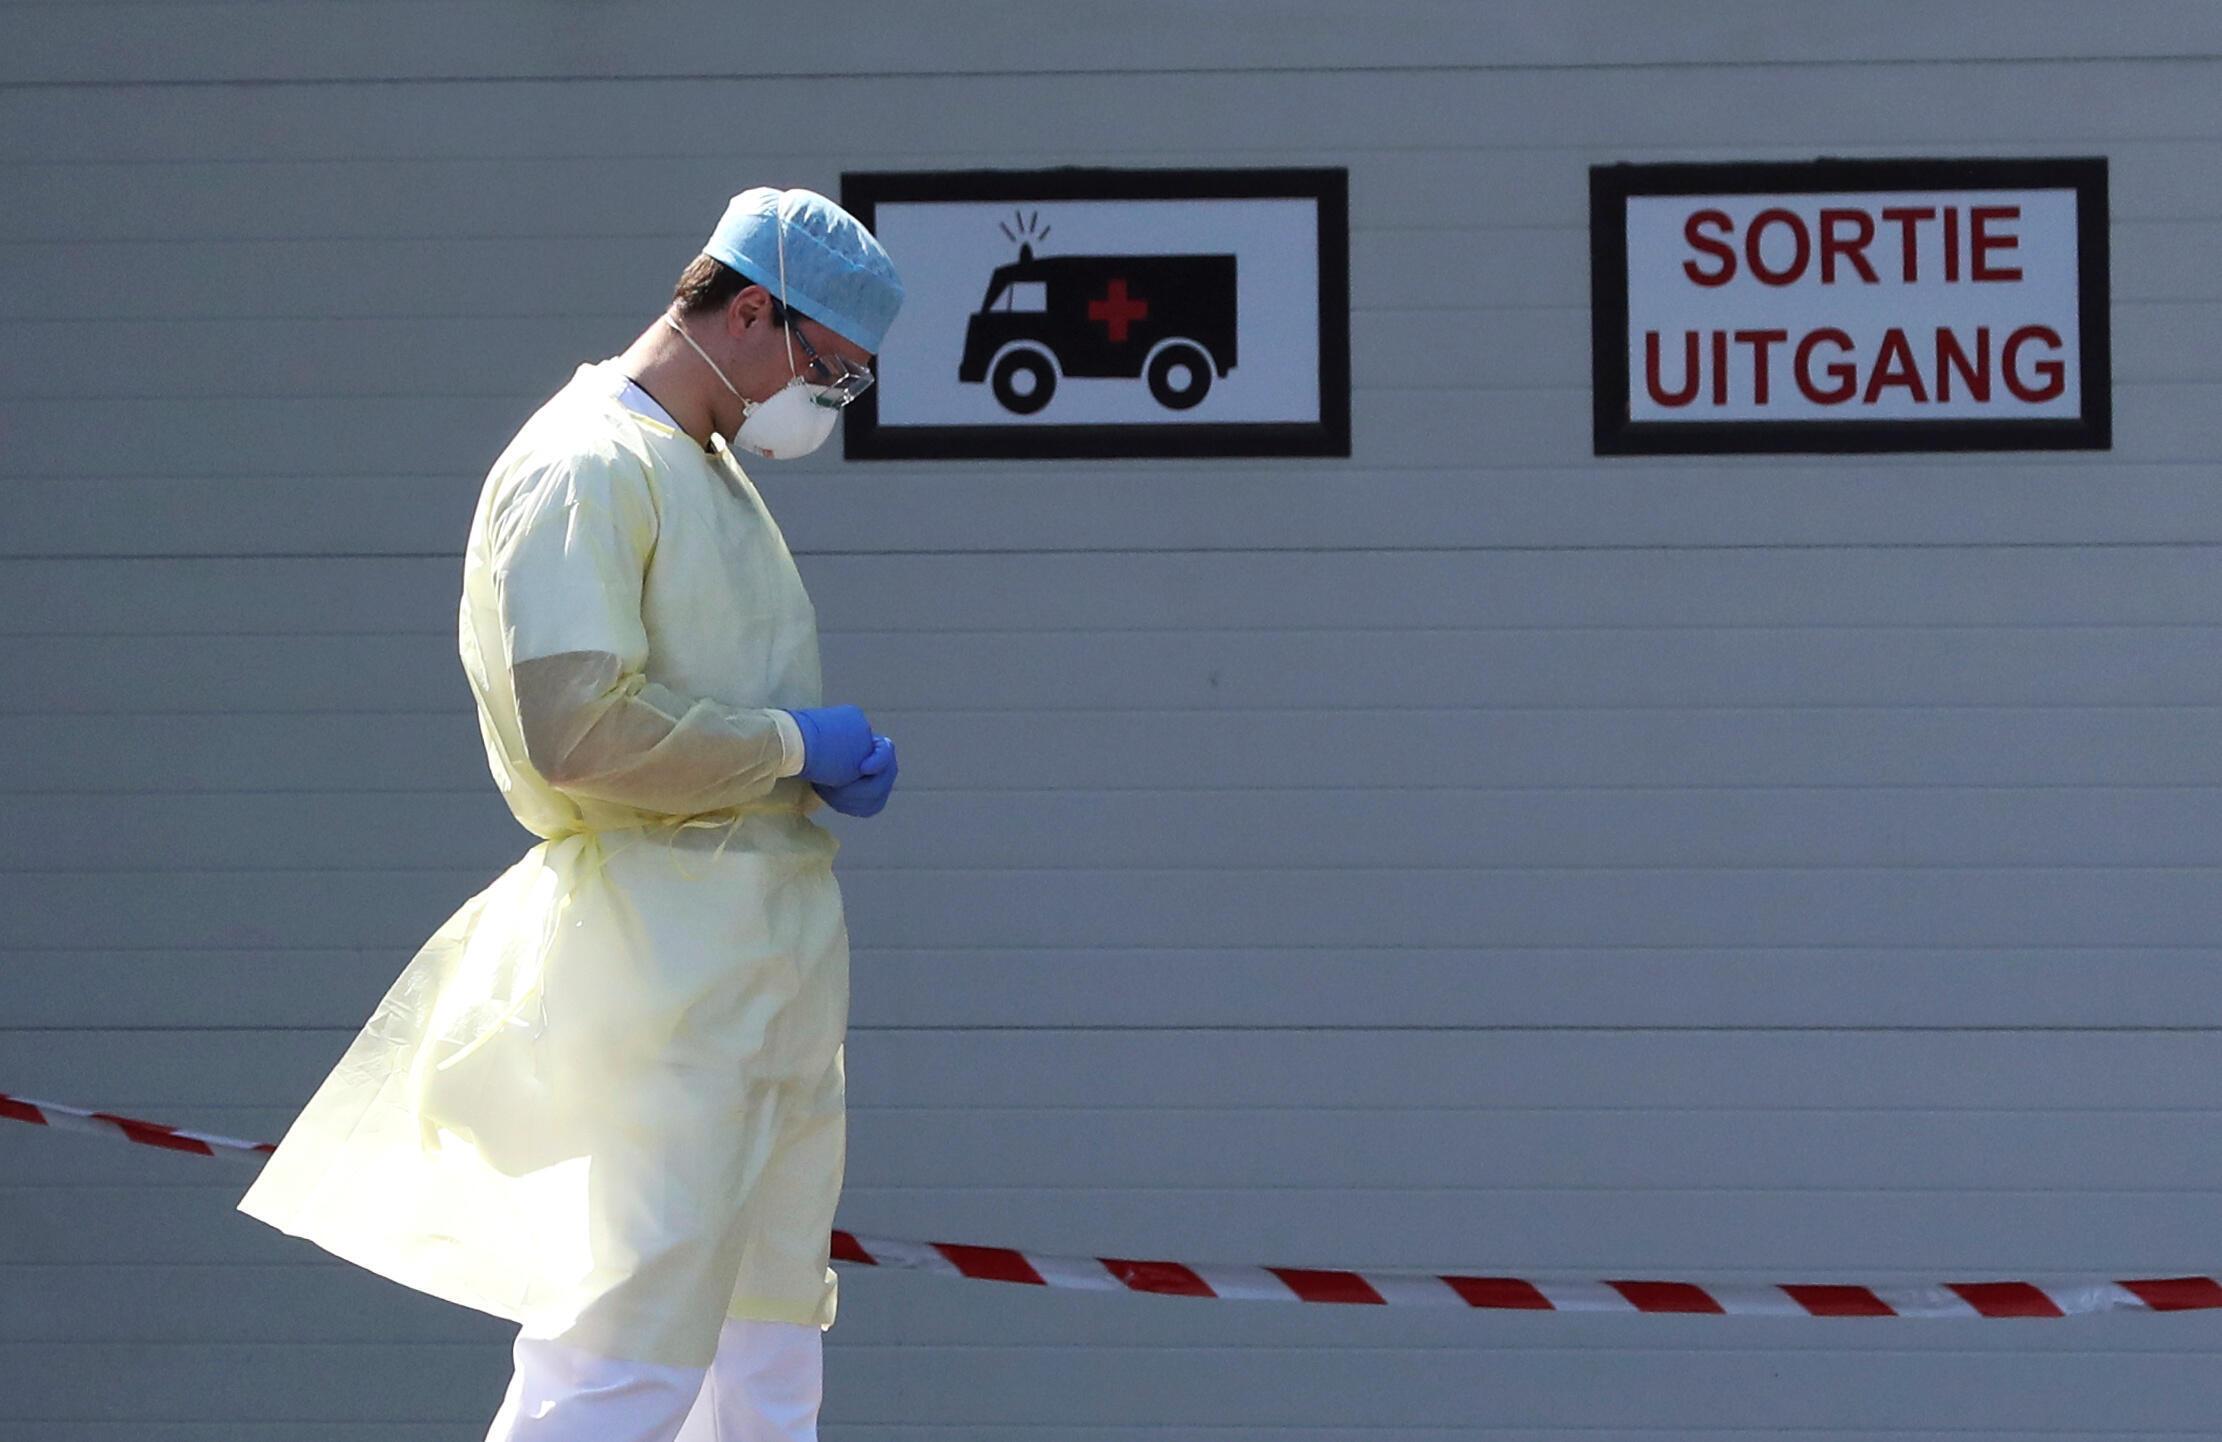 أحد أفراد الطاقم الطبي في مستشفى CHIREC DELTA في بروكسل ببلجيكا، يقف عند مدخل وحدة الطوارئ. 25 أبريل/نيسان 2020